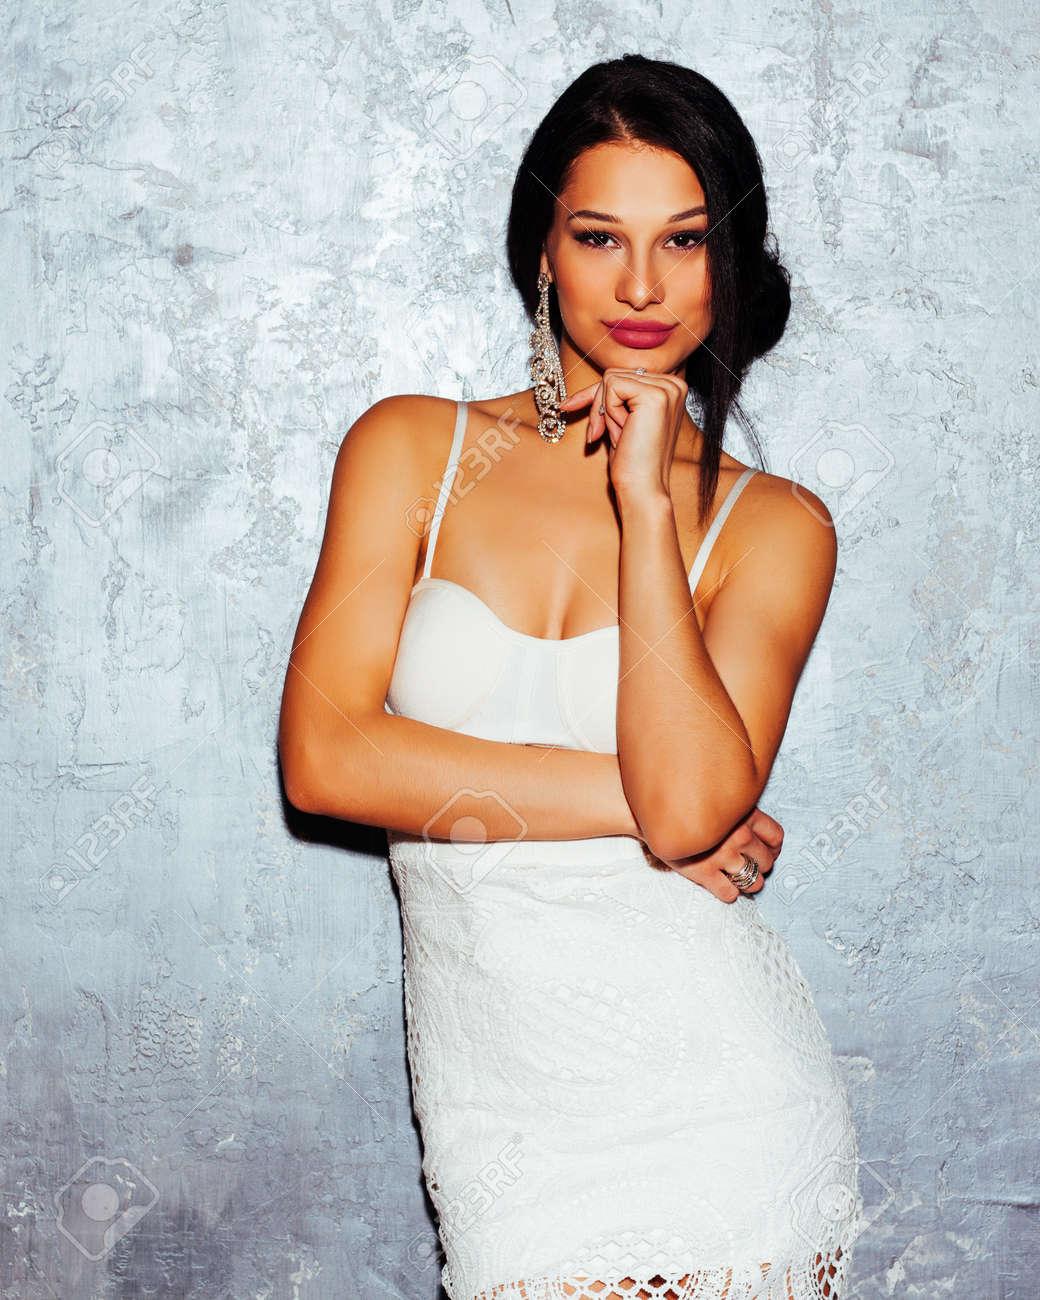 83403bf57a12 Belleza. Moda. Cuidado del cabello. Productos cosméticos. Mujer morena  joven atractiva arrogante hermosa que presenta en vestido blanco de moda en  un ...